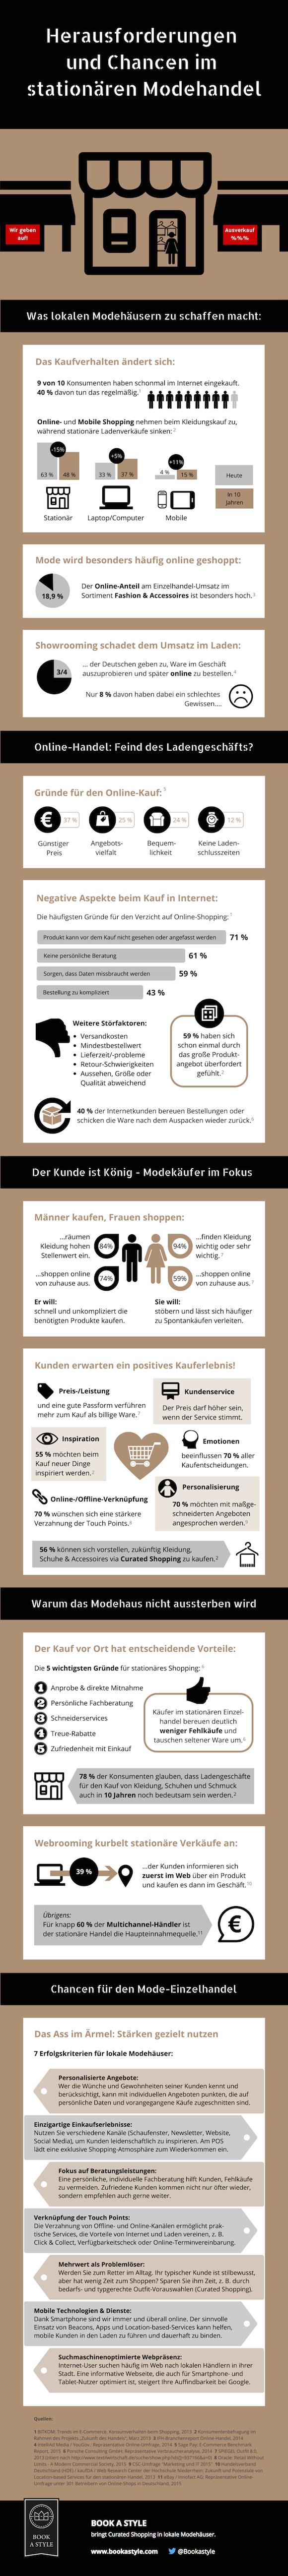 Book-A-Style_Infografik_Stationaerer-Modehandel_28-07-15